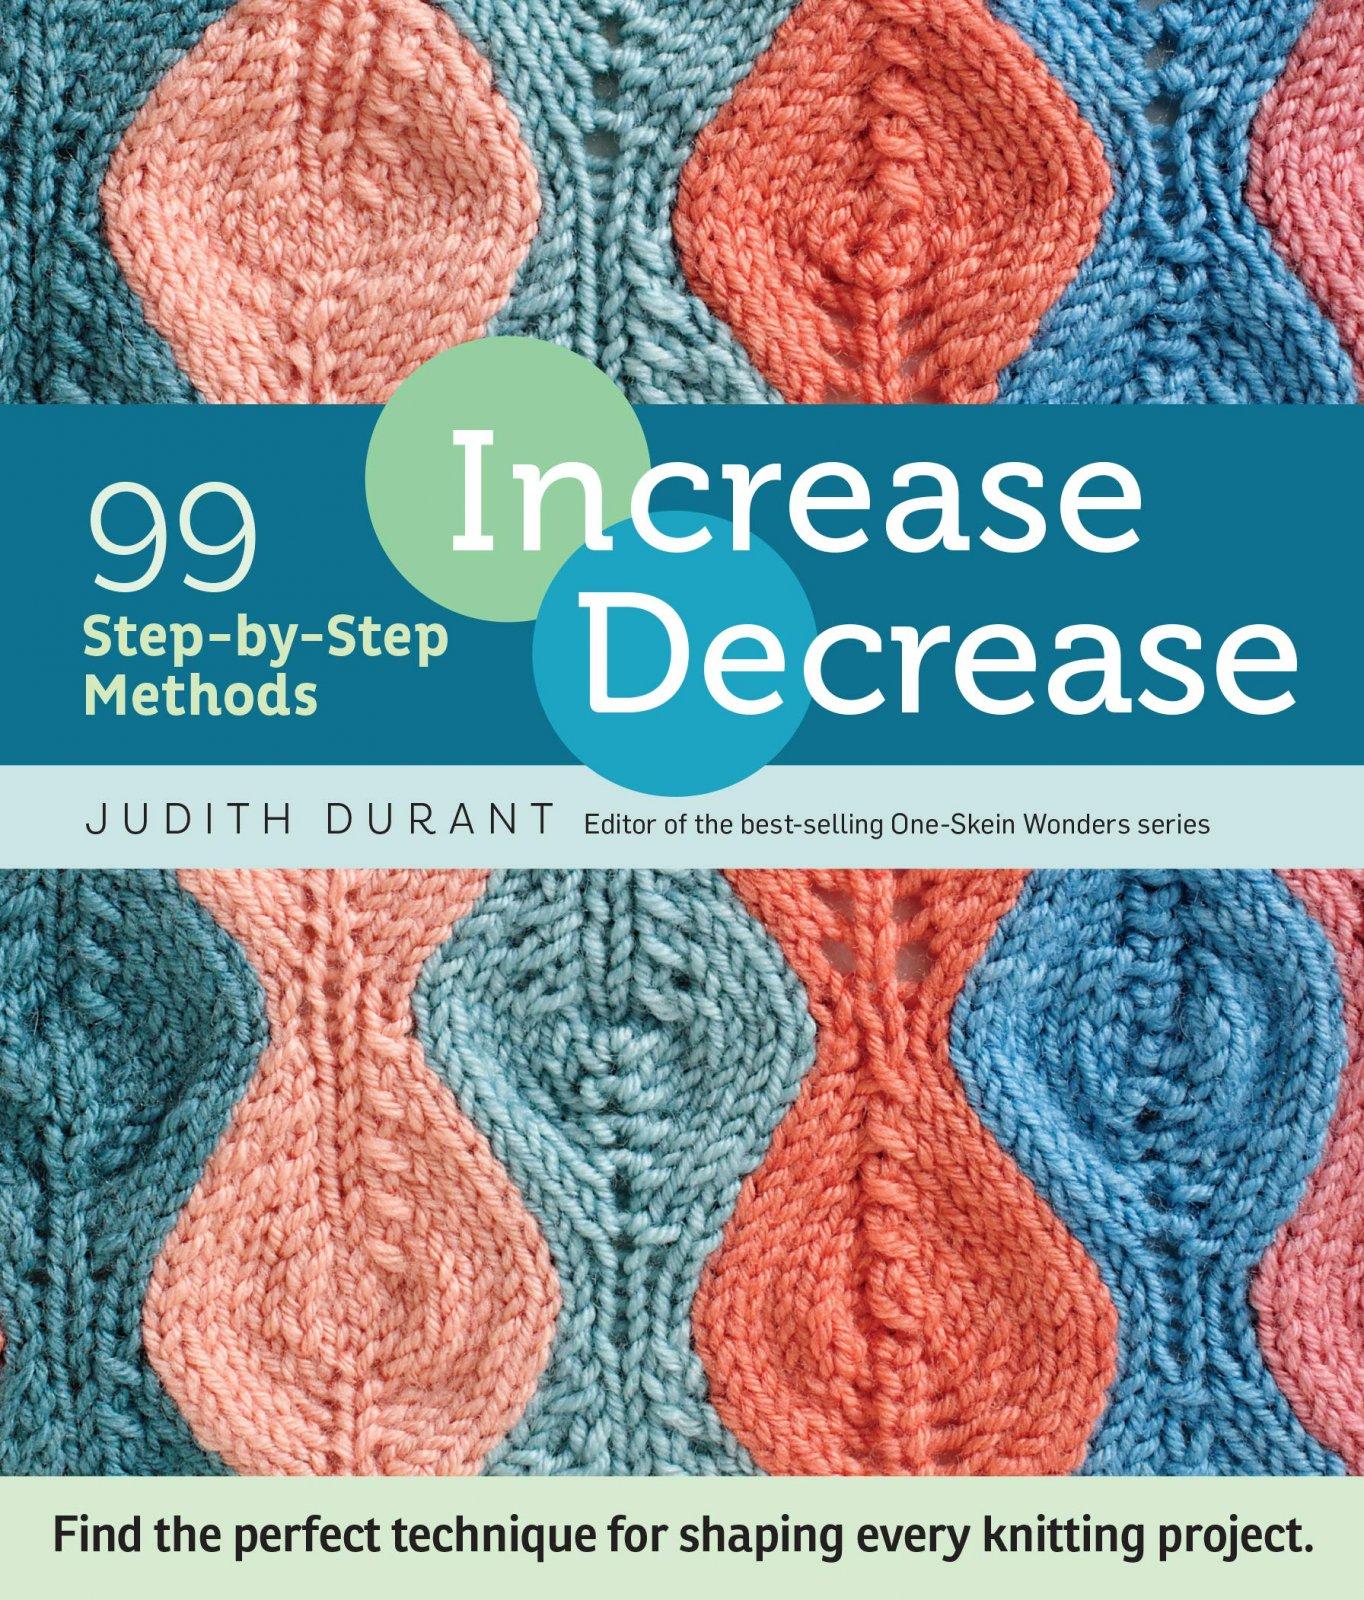 Increase Decrease 99 Step-by-Step Methods